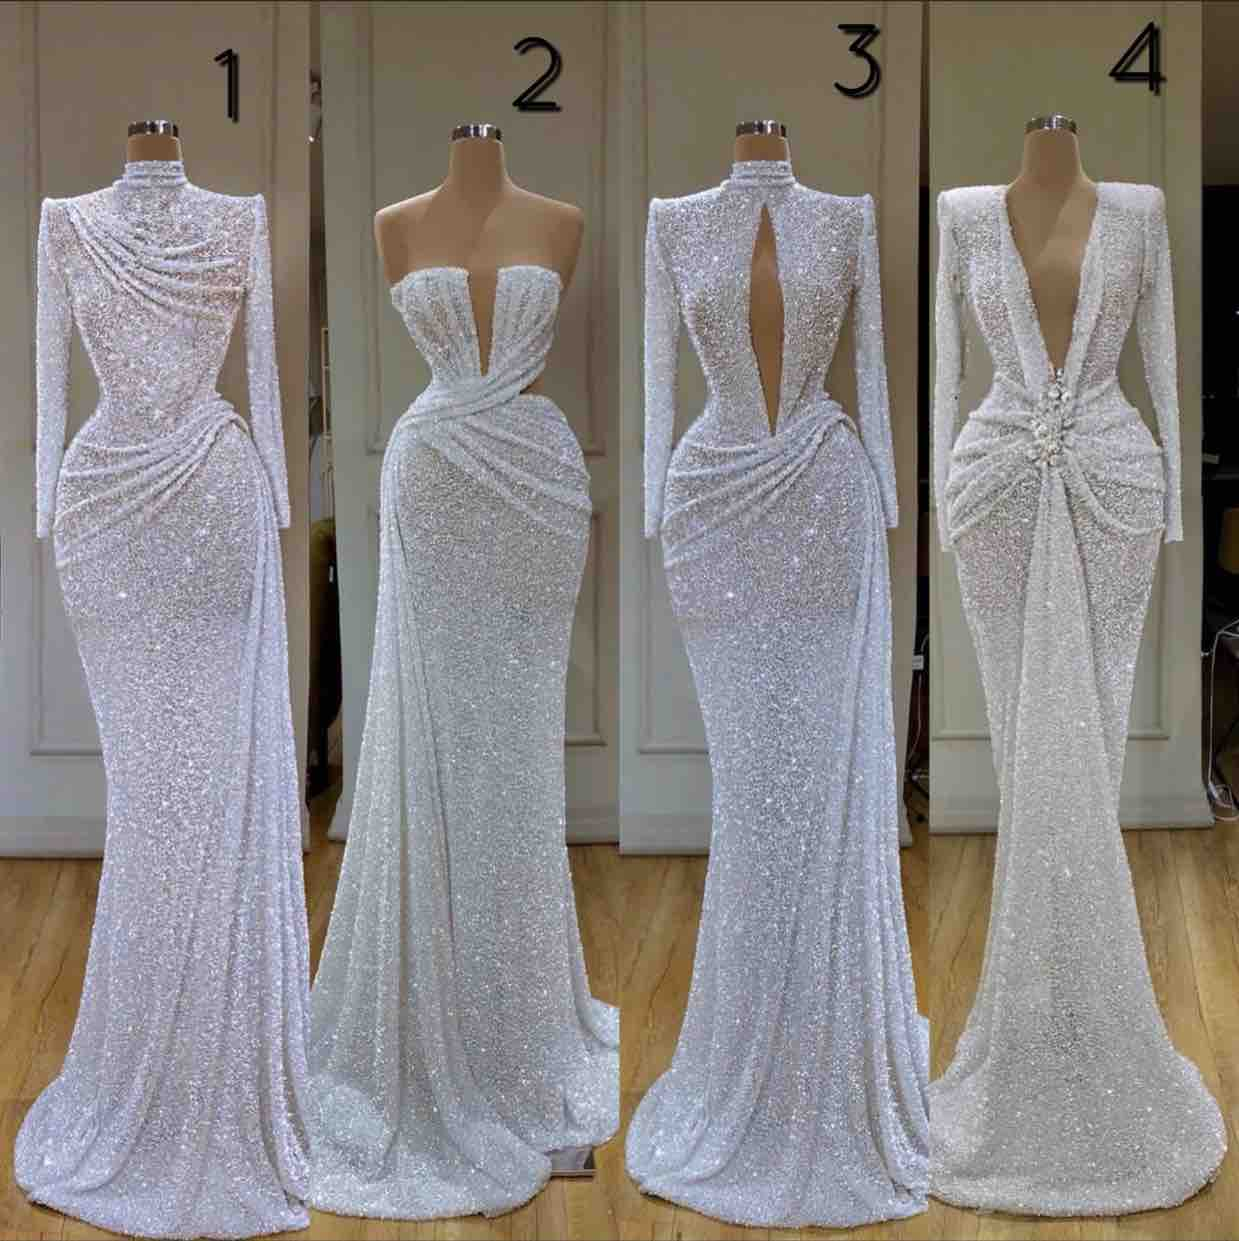 Neuester Glitter-Nixe-Abend-Kleid-Kragen Pailletten wulstiger langer  Hülsen-Schleife-Zug-formalen Partei-Kleider nach Maß lange Abendkleid